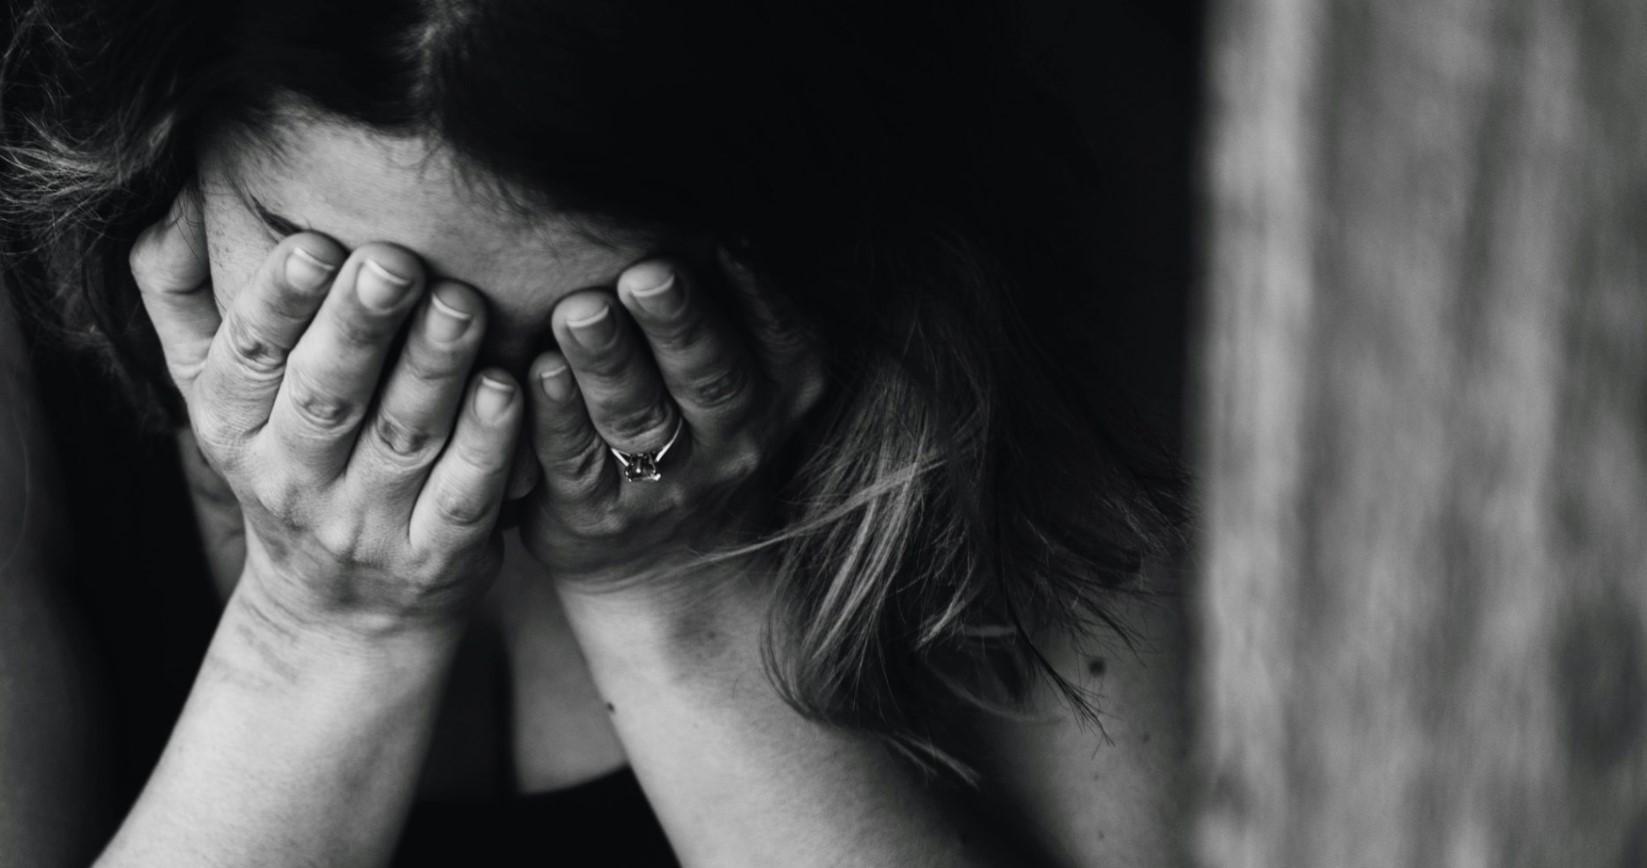 أول حكم قضائي يجرم العنف النفسي بالمغرب